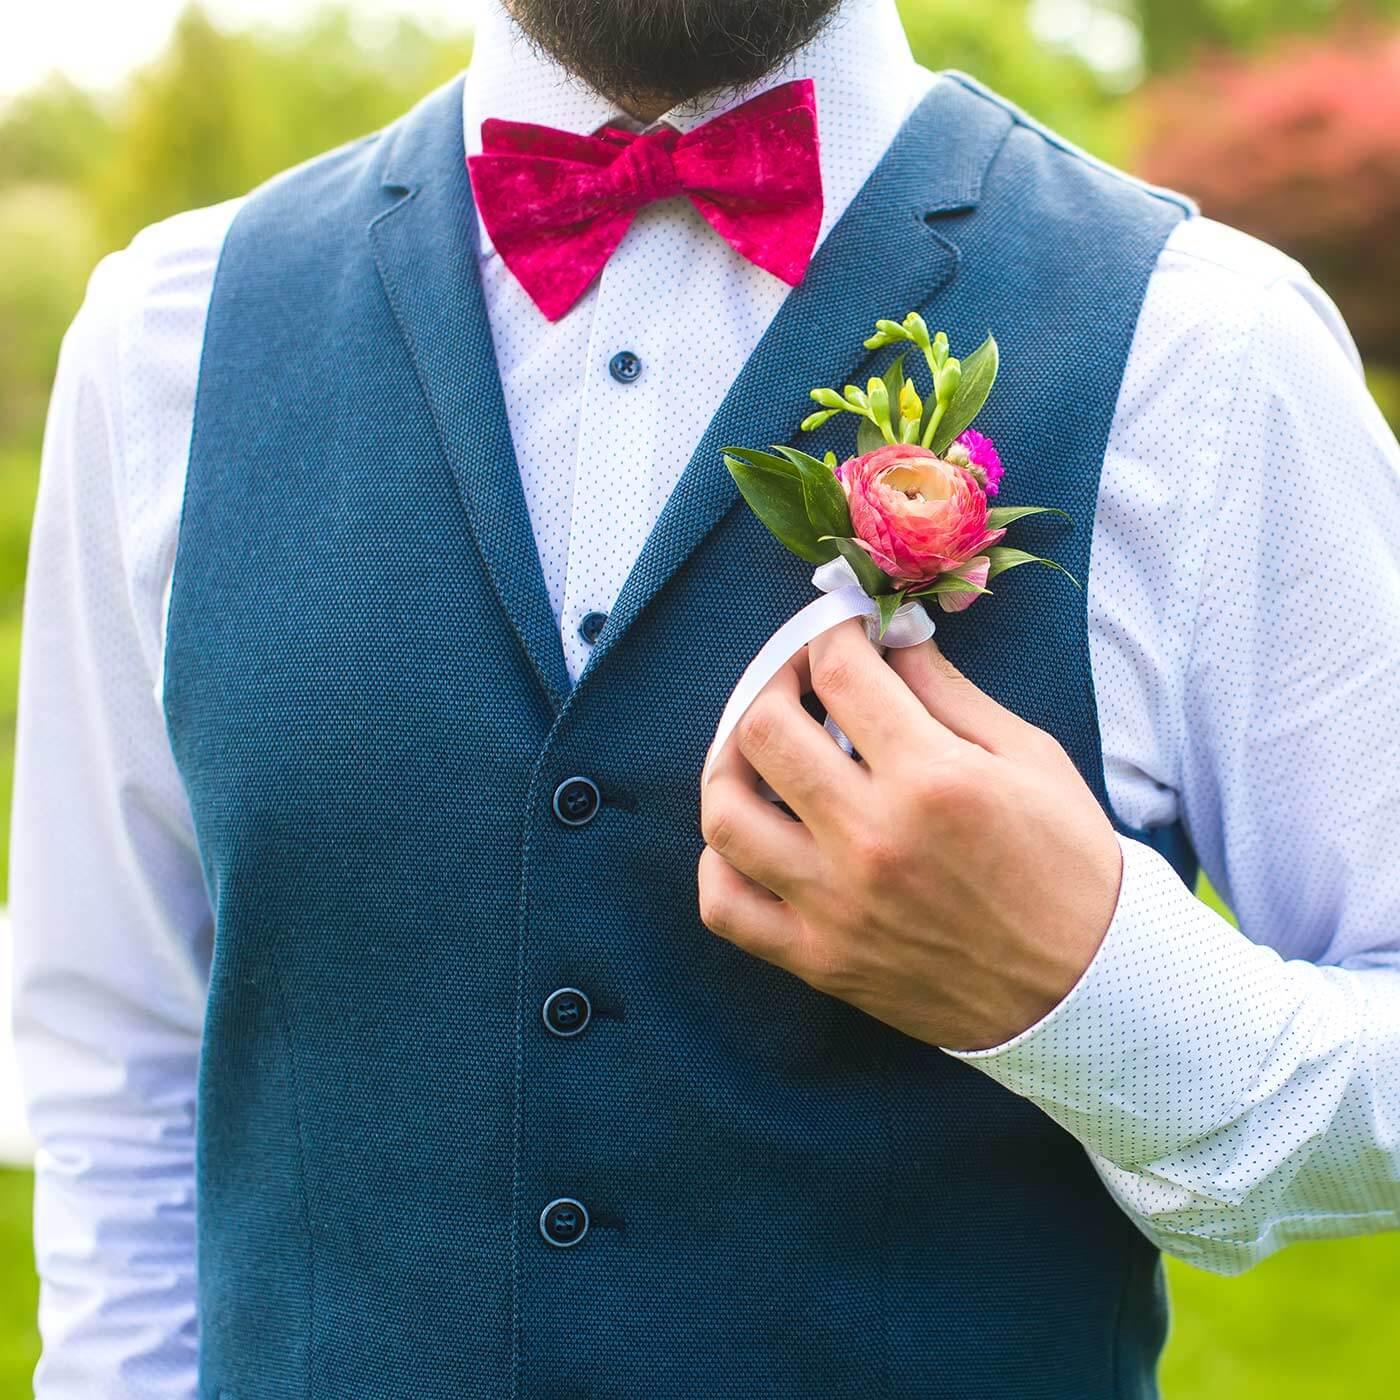 Anstecker für Hochzeit selber machen